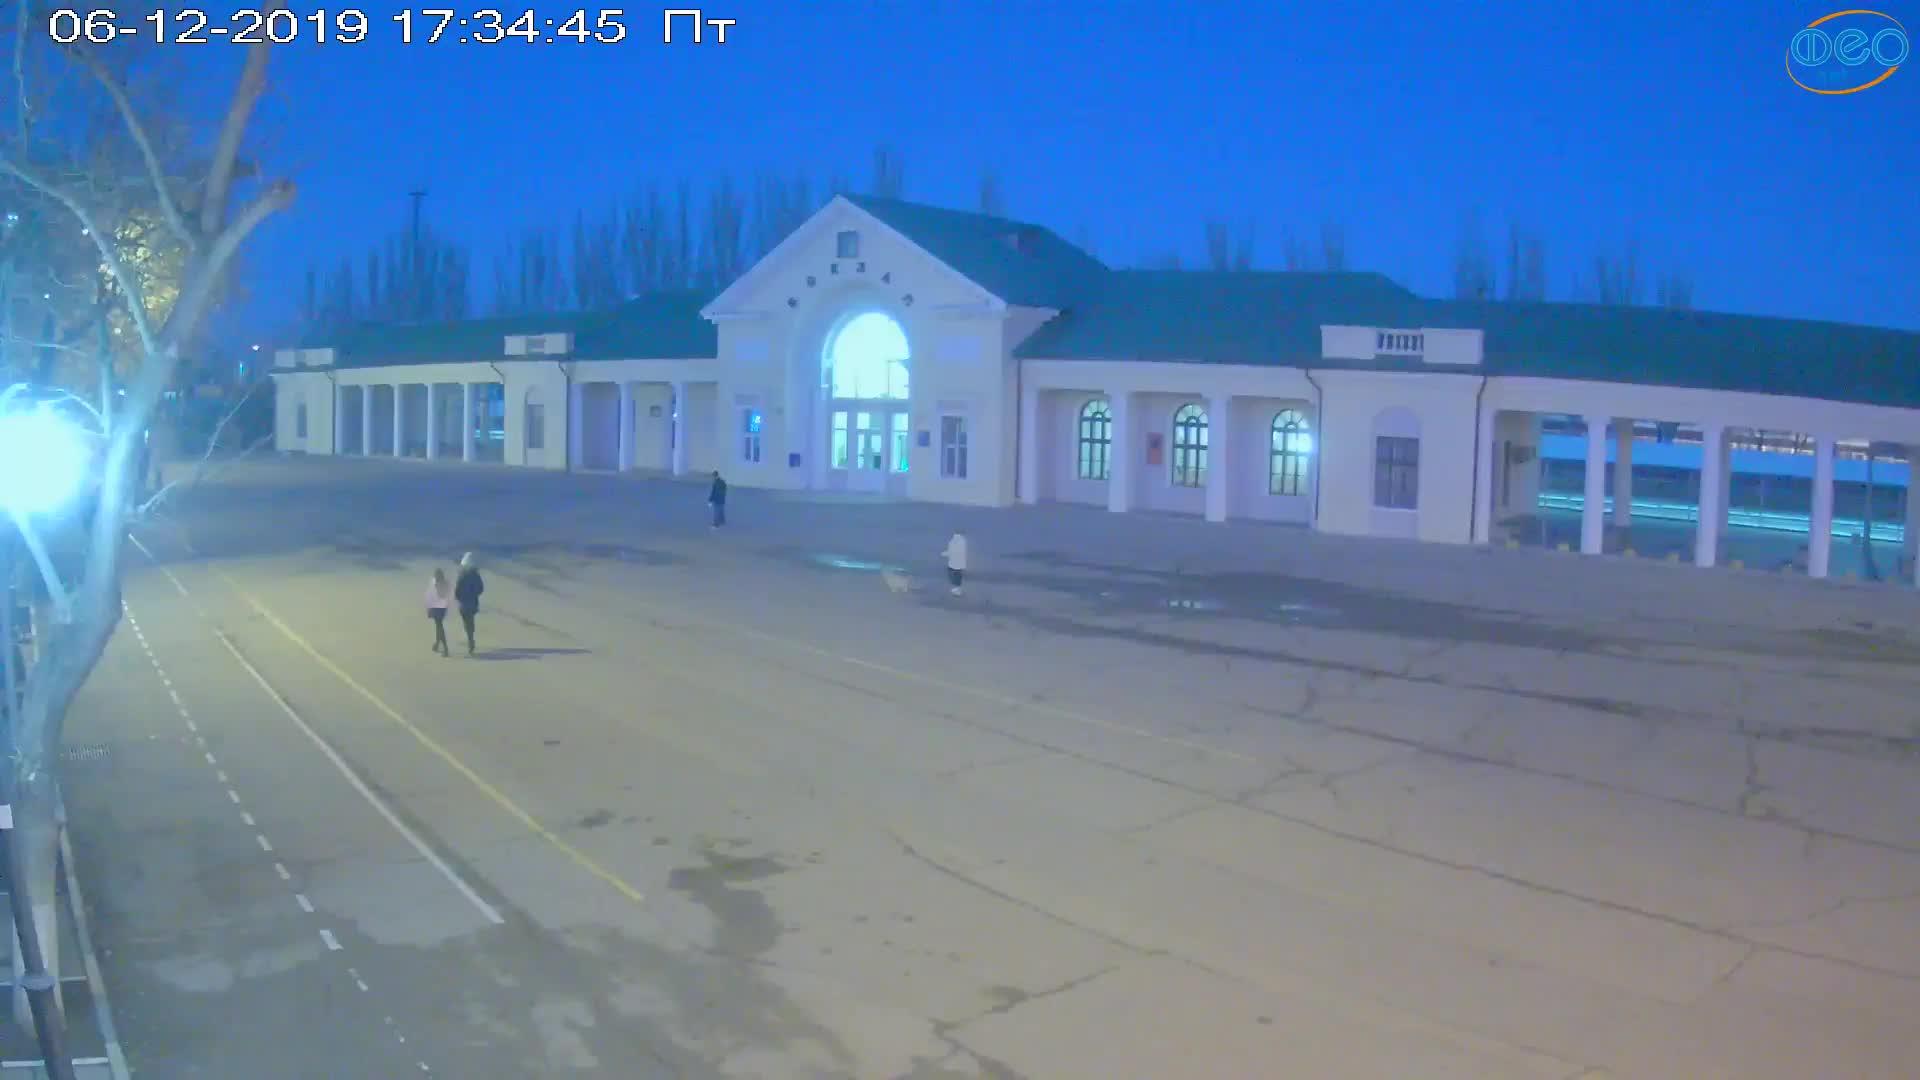 Веб-камеры Феодосии, Привокзальная площадь, 2019-12-06 17:35:08